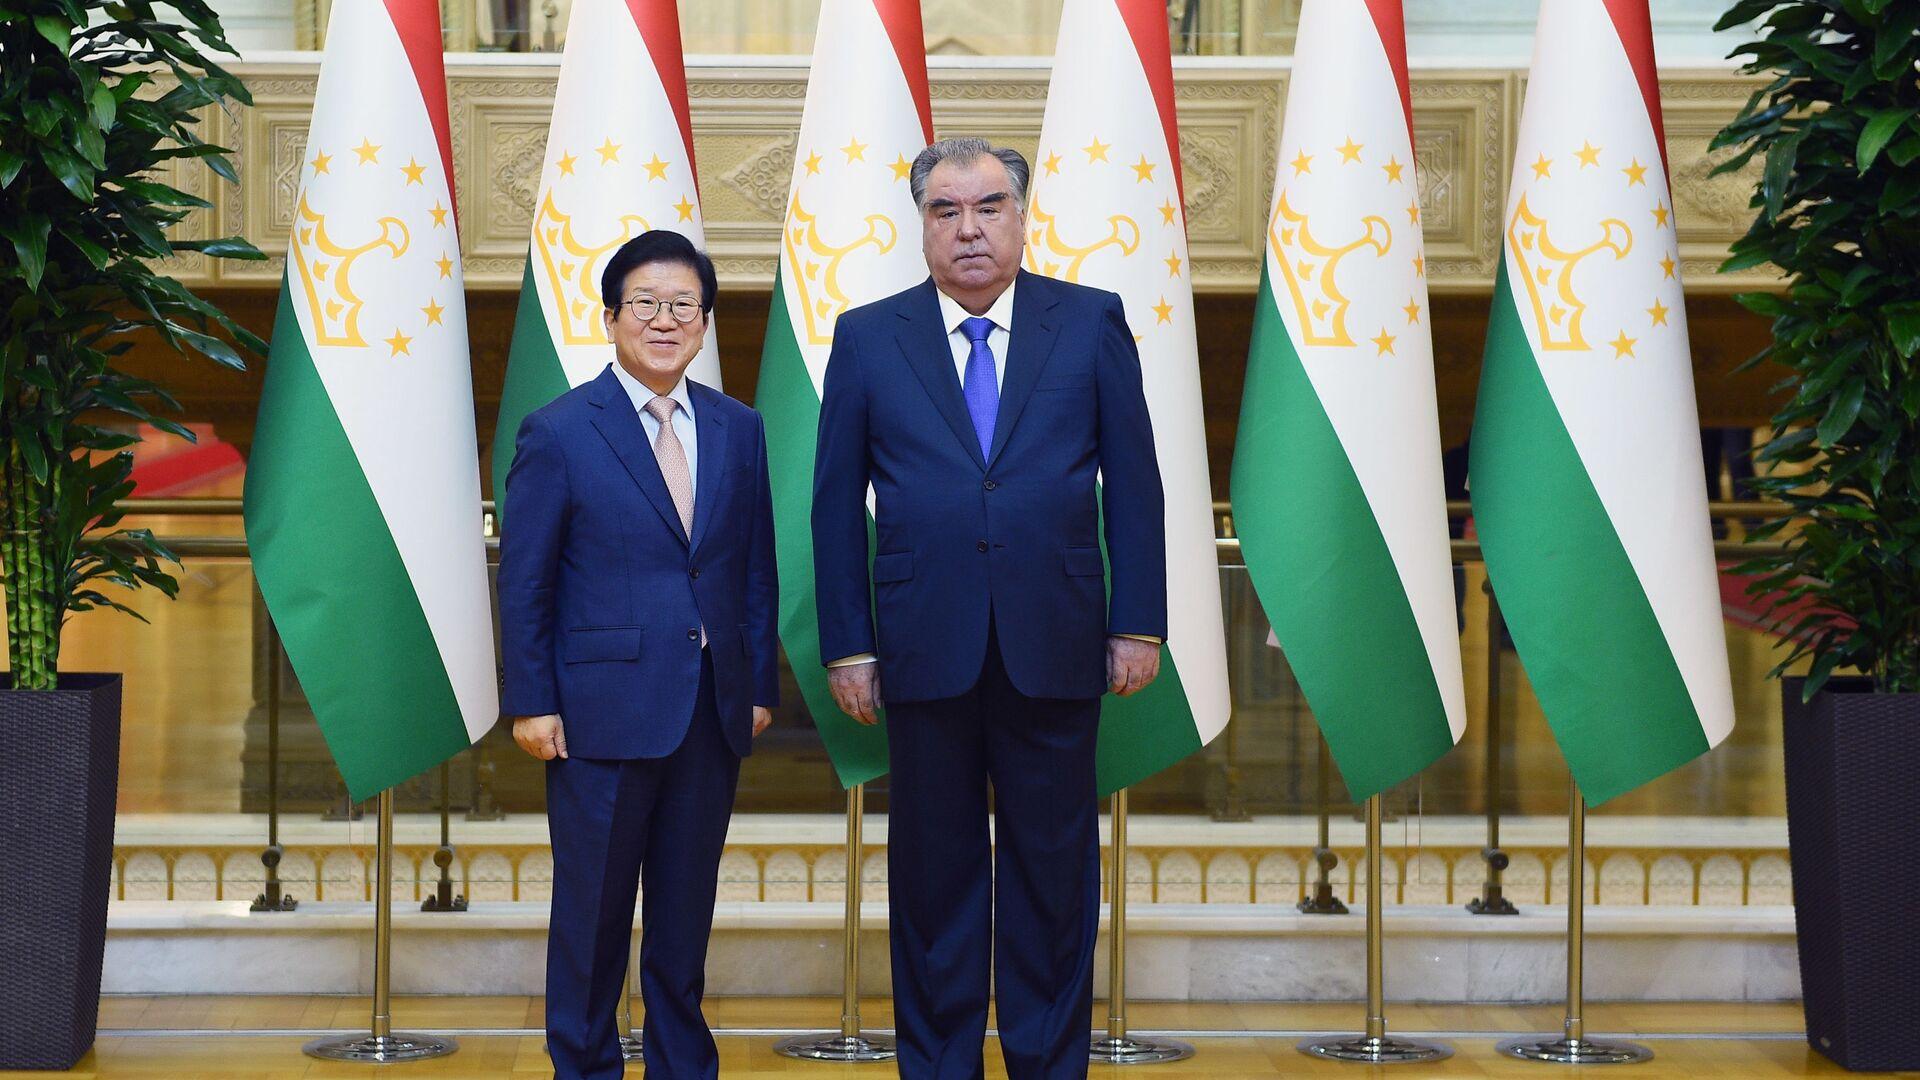 Президент Республики Таджикистан Эмомали Рахмон принял Председателя Национального собрания (парламента) Республики Корея Пак Бён Сока - Sputnik Таджикистан, 1920, 01.04.2021